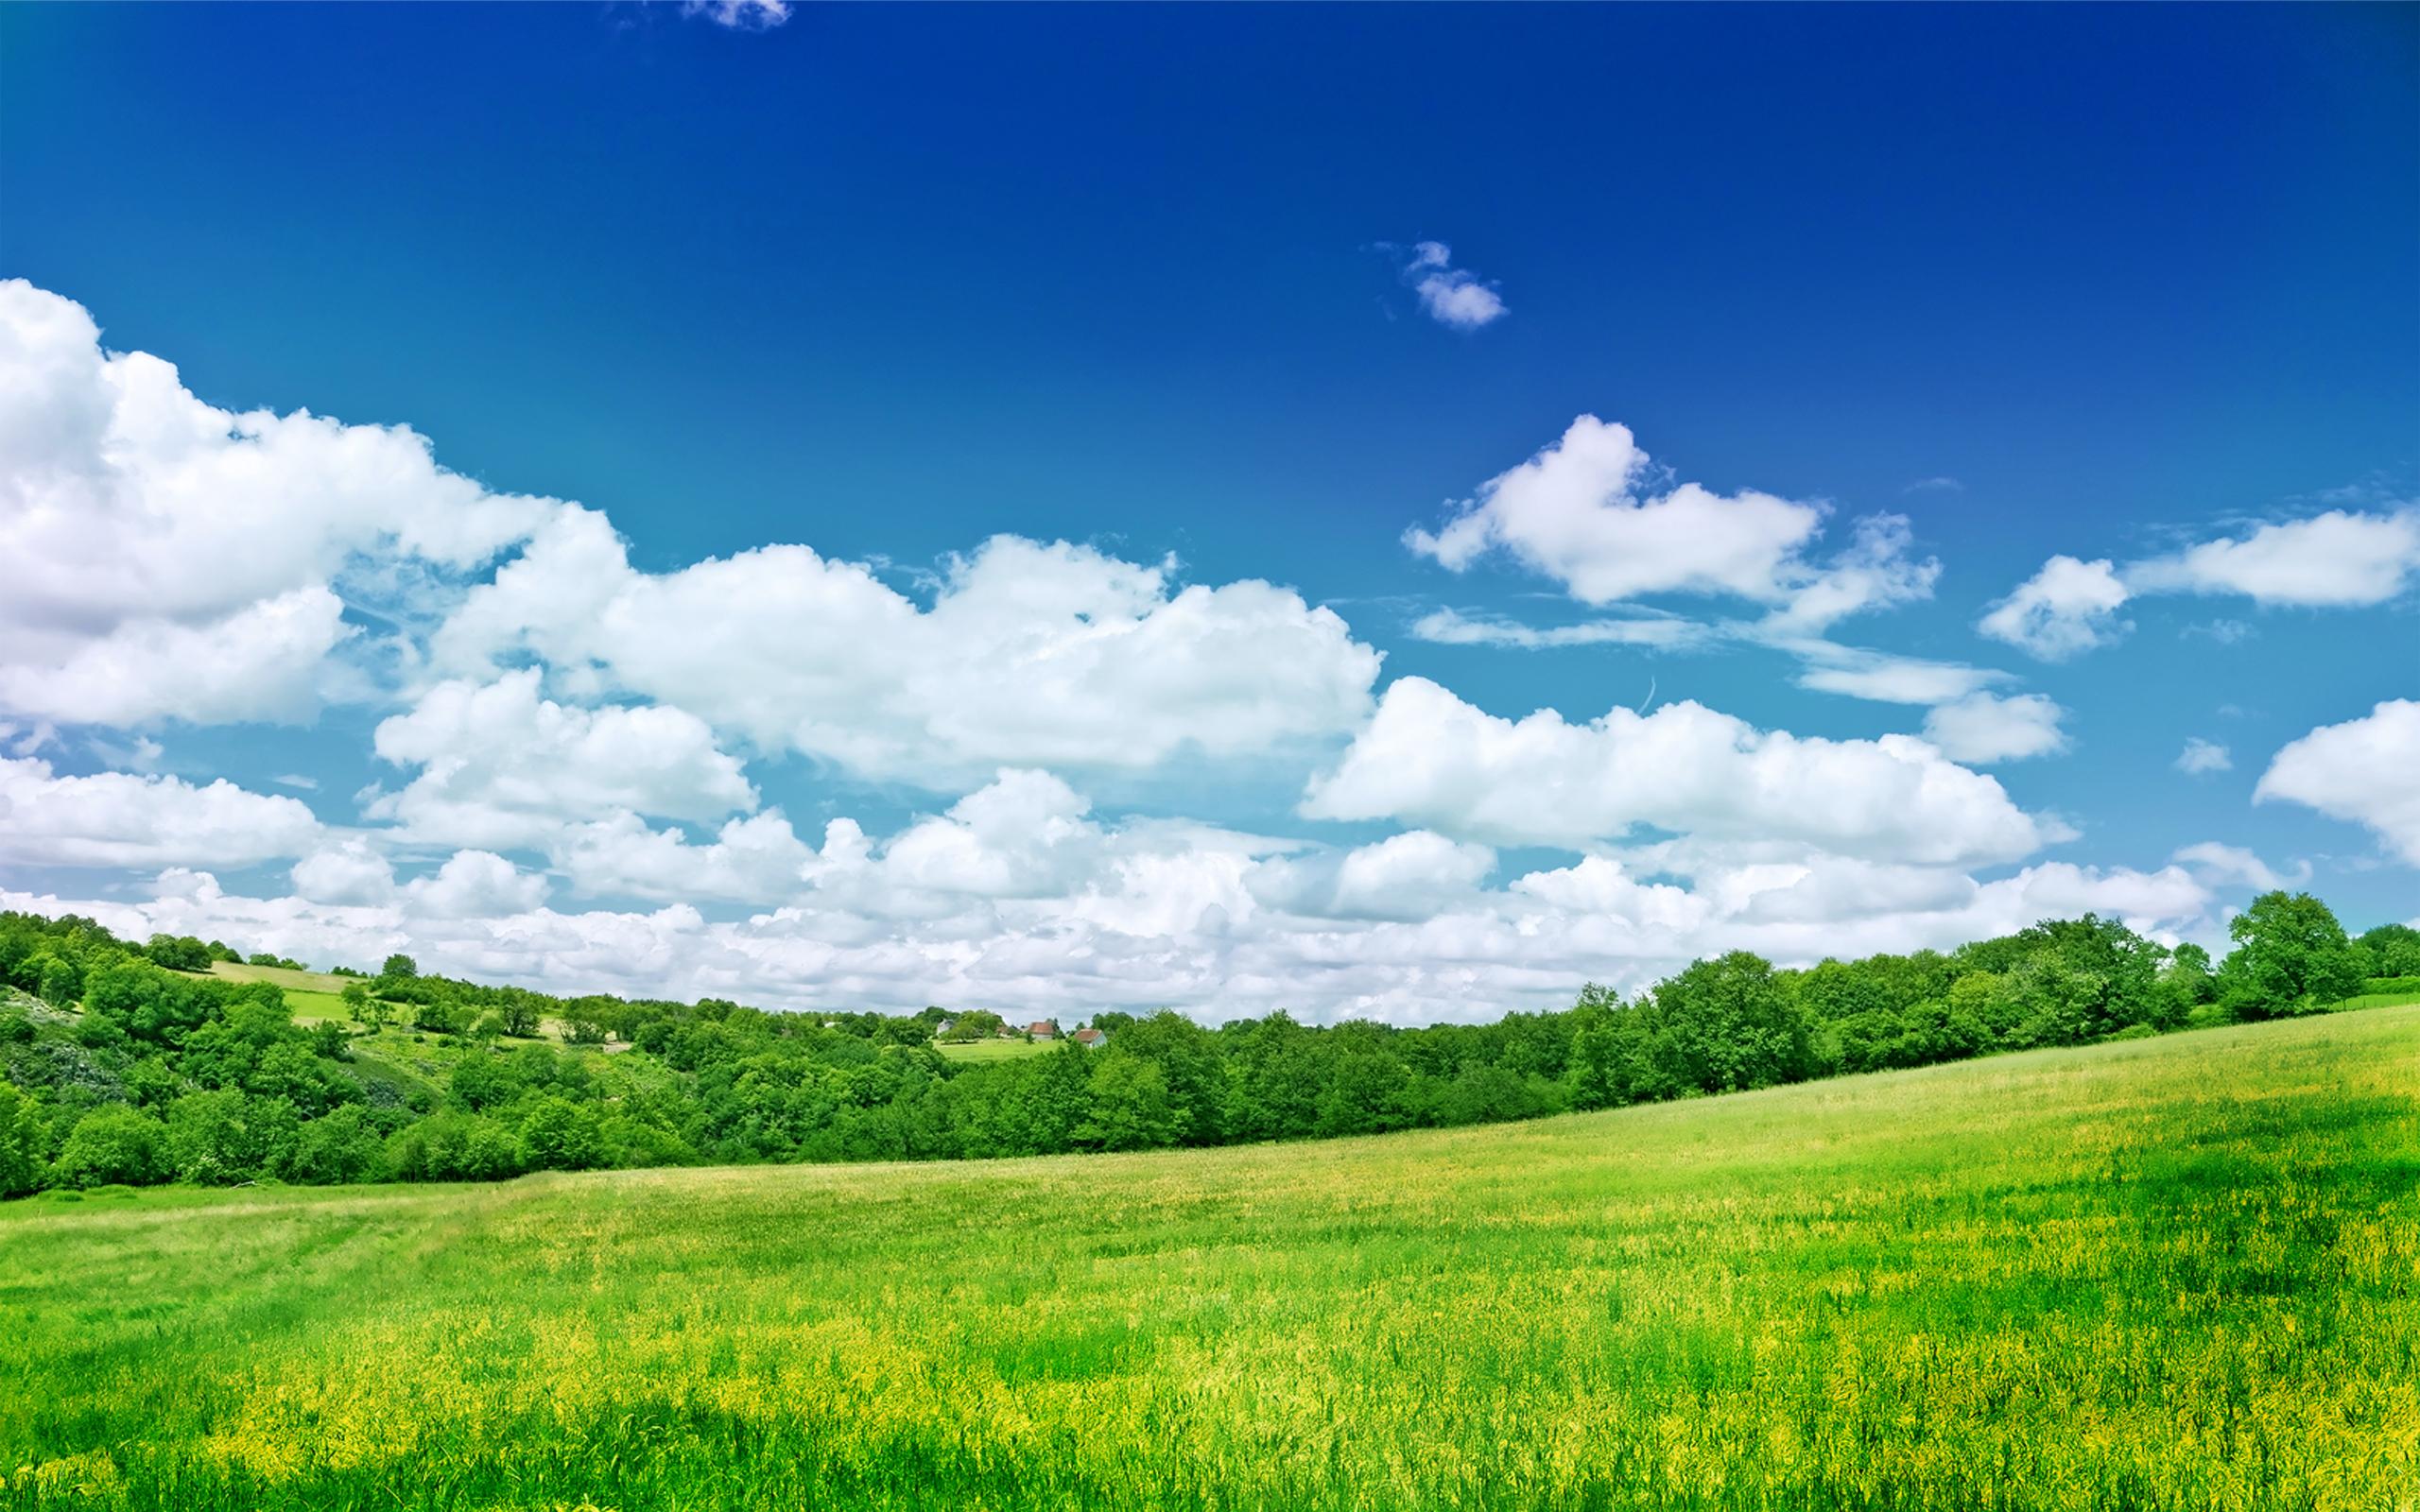 beautiful-nature-pics-for-desktop-6